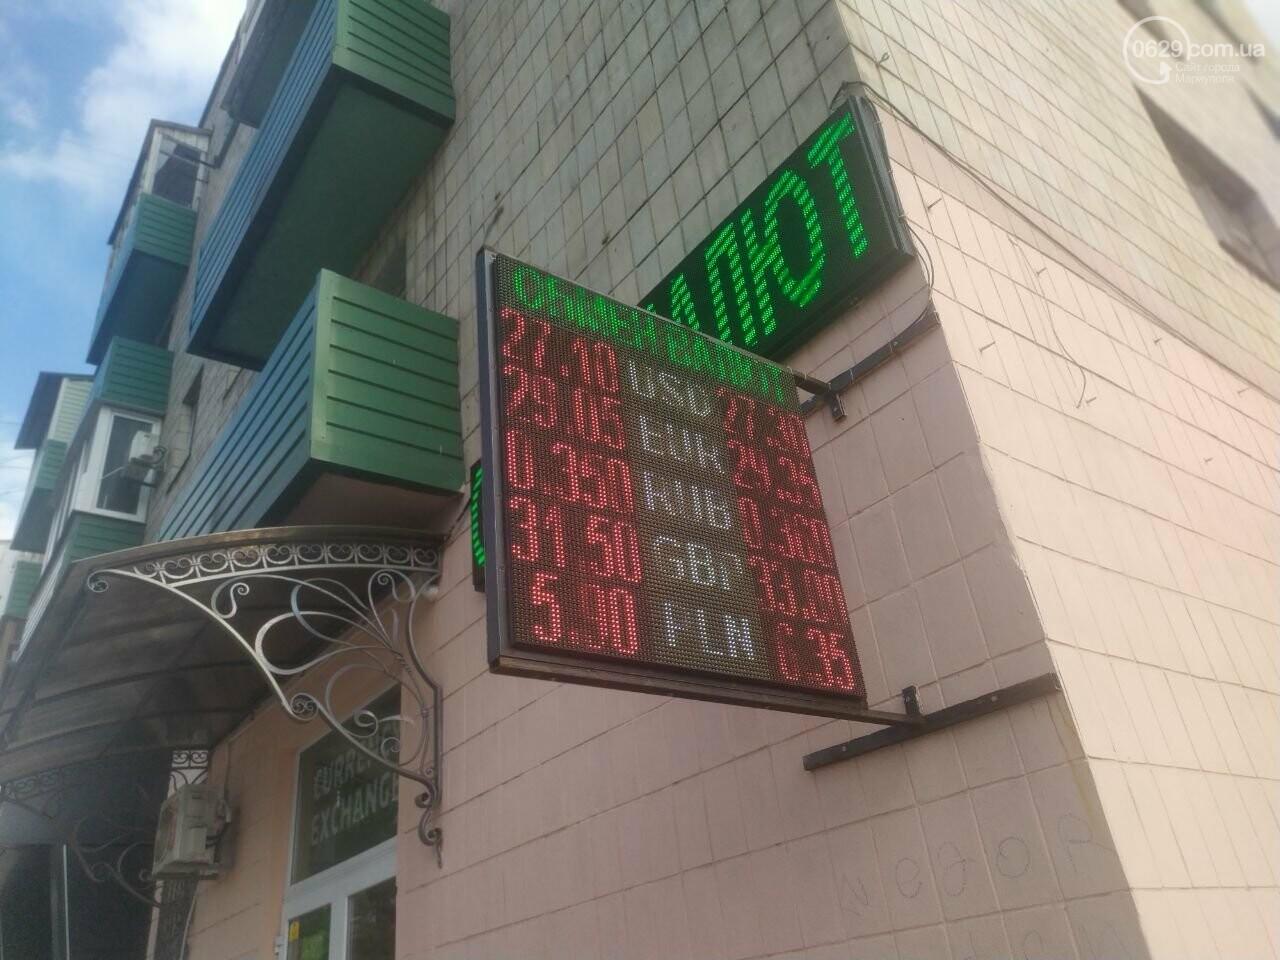 Курс валют Мариуполь. Что происходит в обменниках города, - ФОТО, фото-3